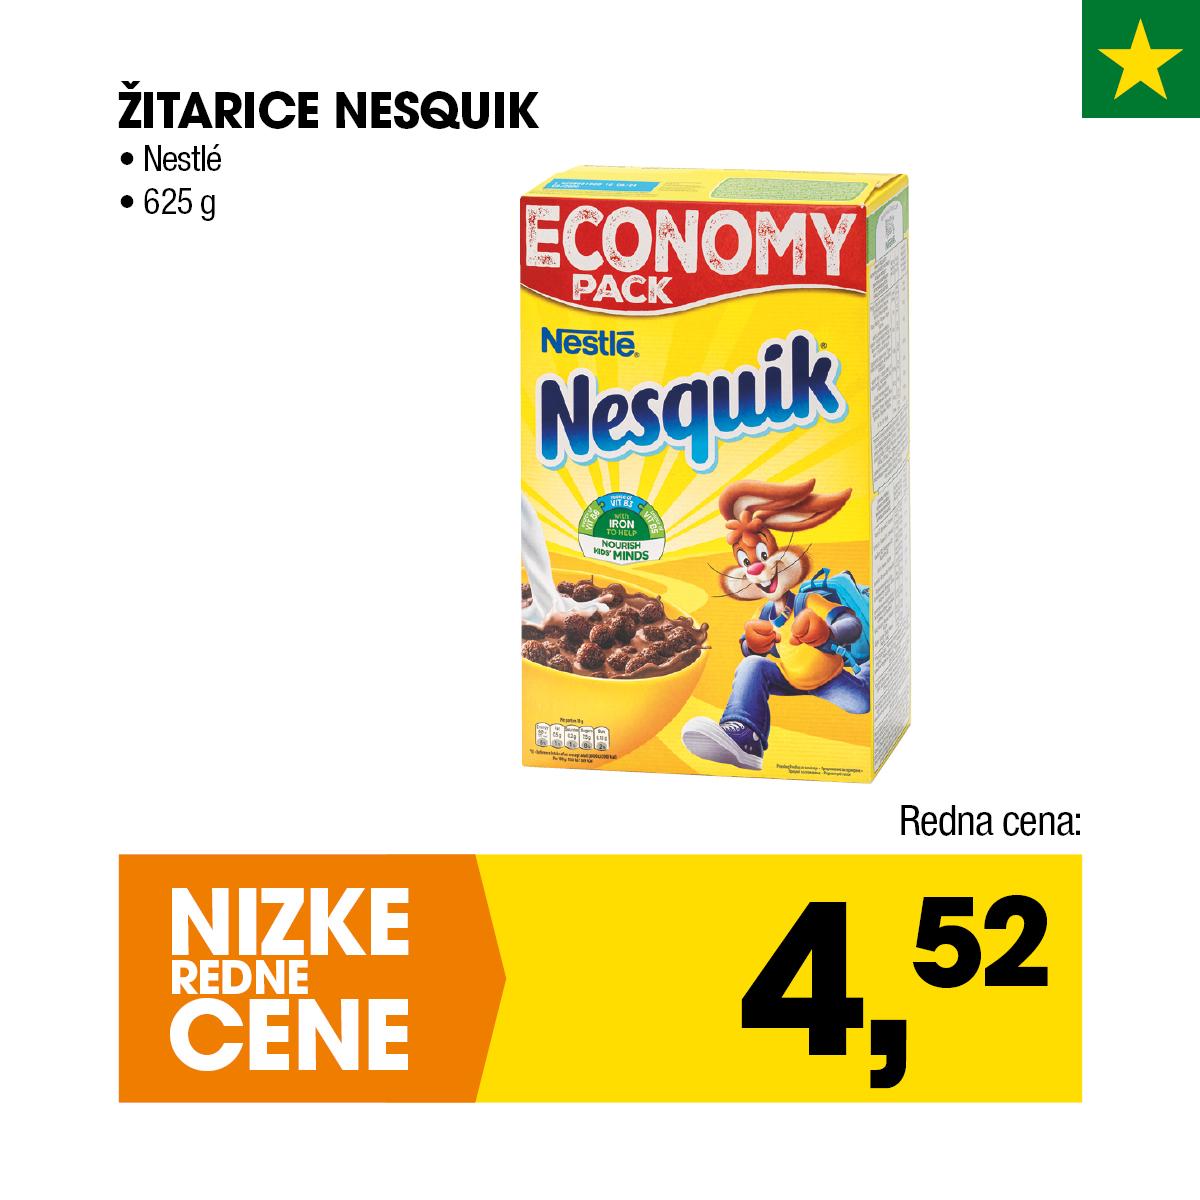 Nestle žitarice Nesquik